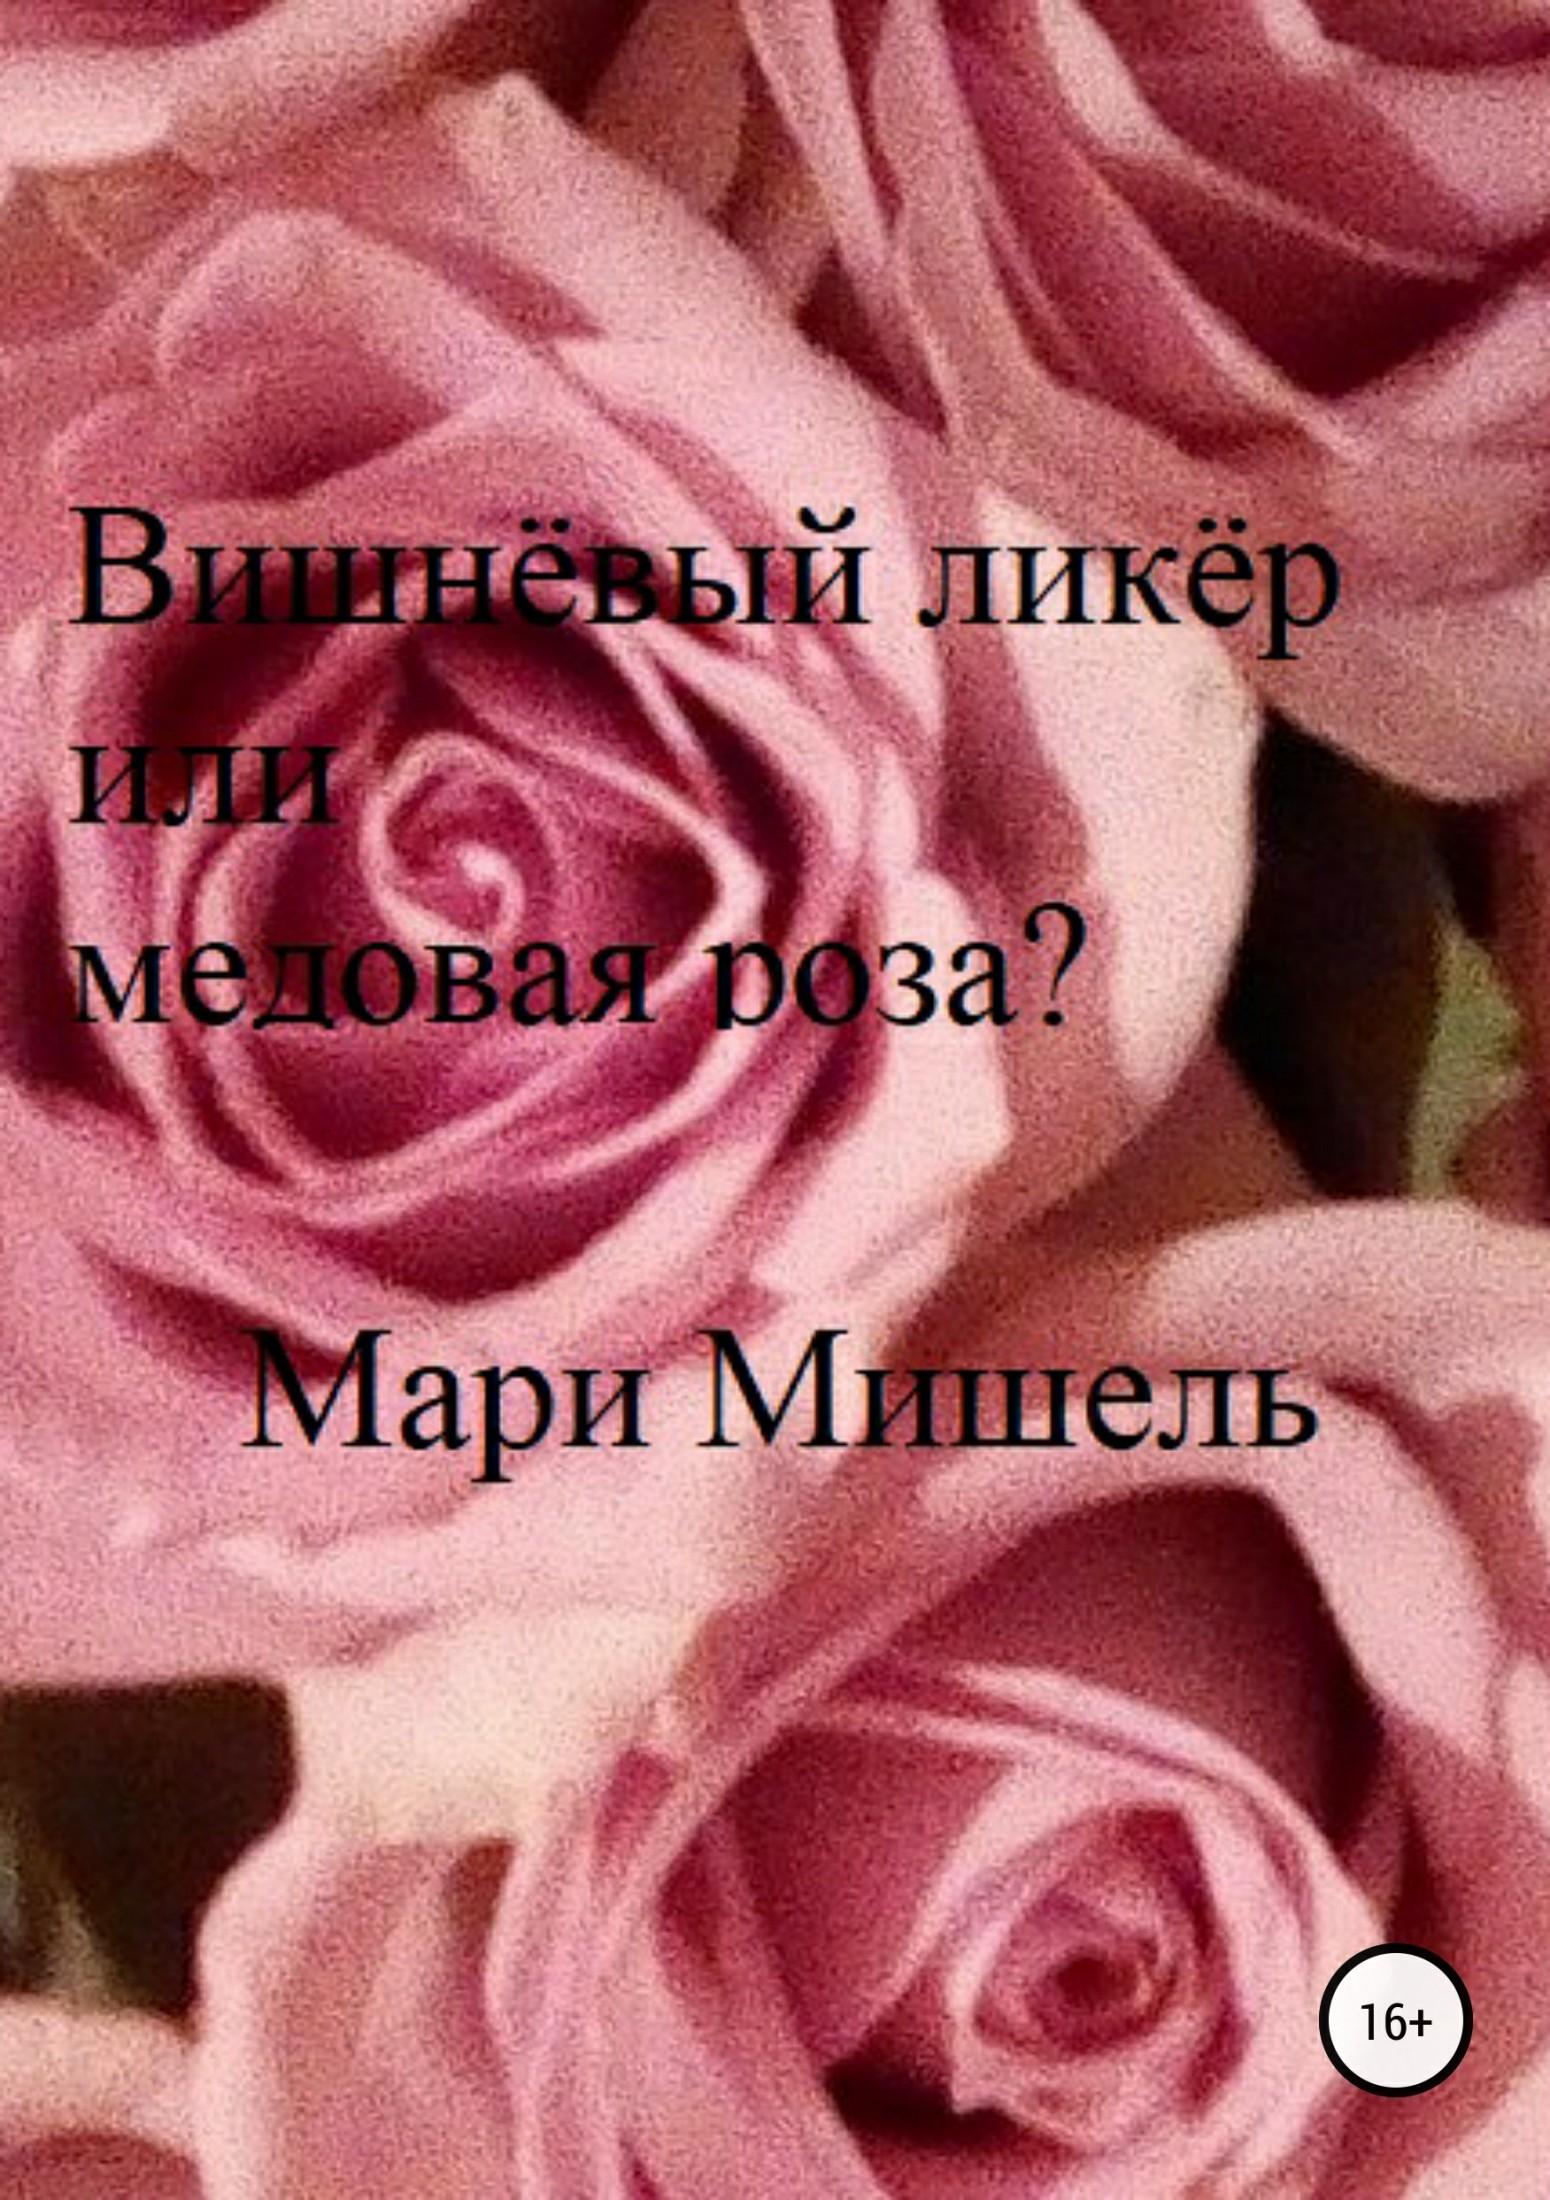 Мари Мишель - Вишнёвый ликёр или медовая роза?